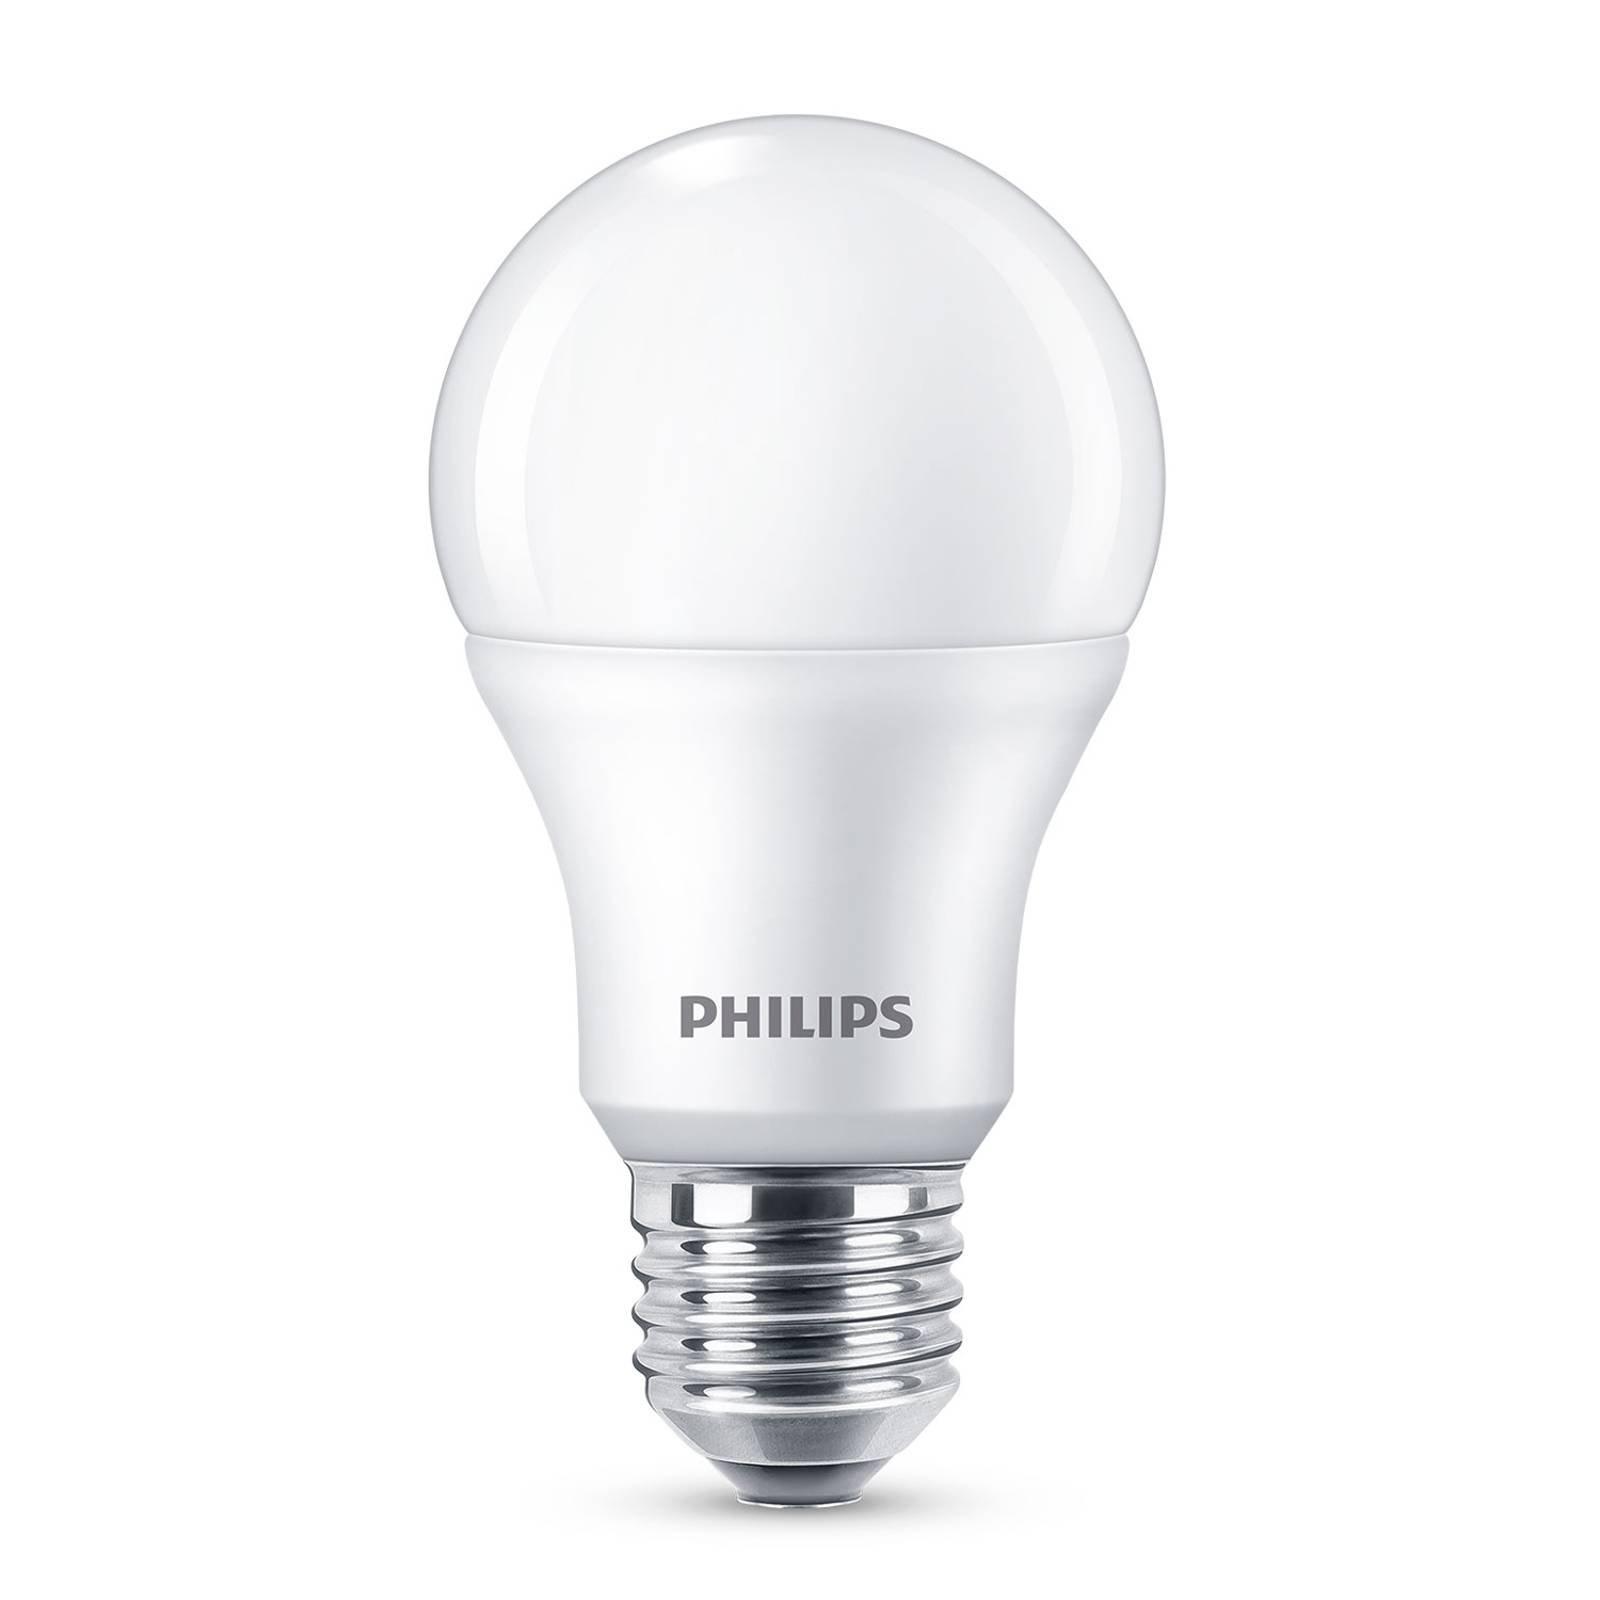 Philips E27 LED-pære A60 8 W 2 700 K matt 4-pakk